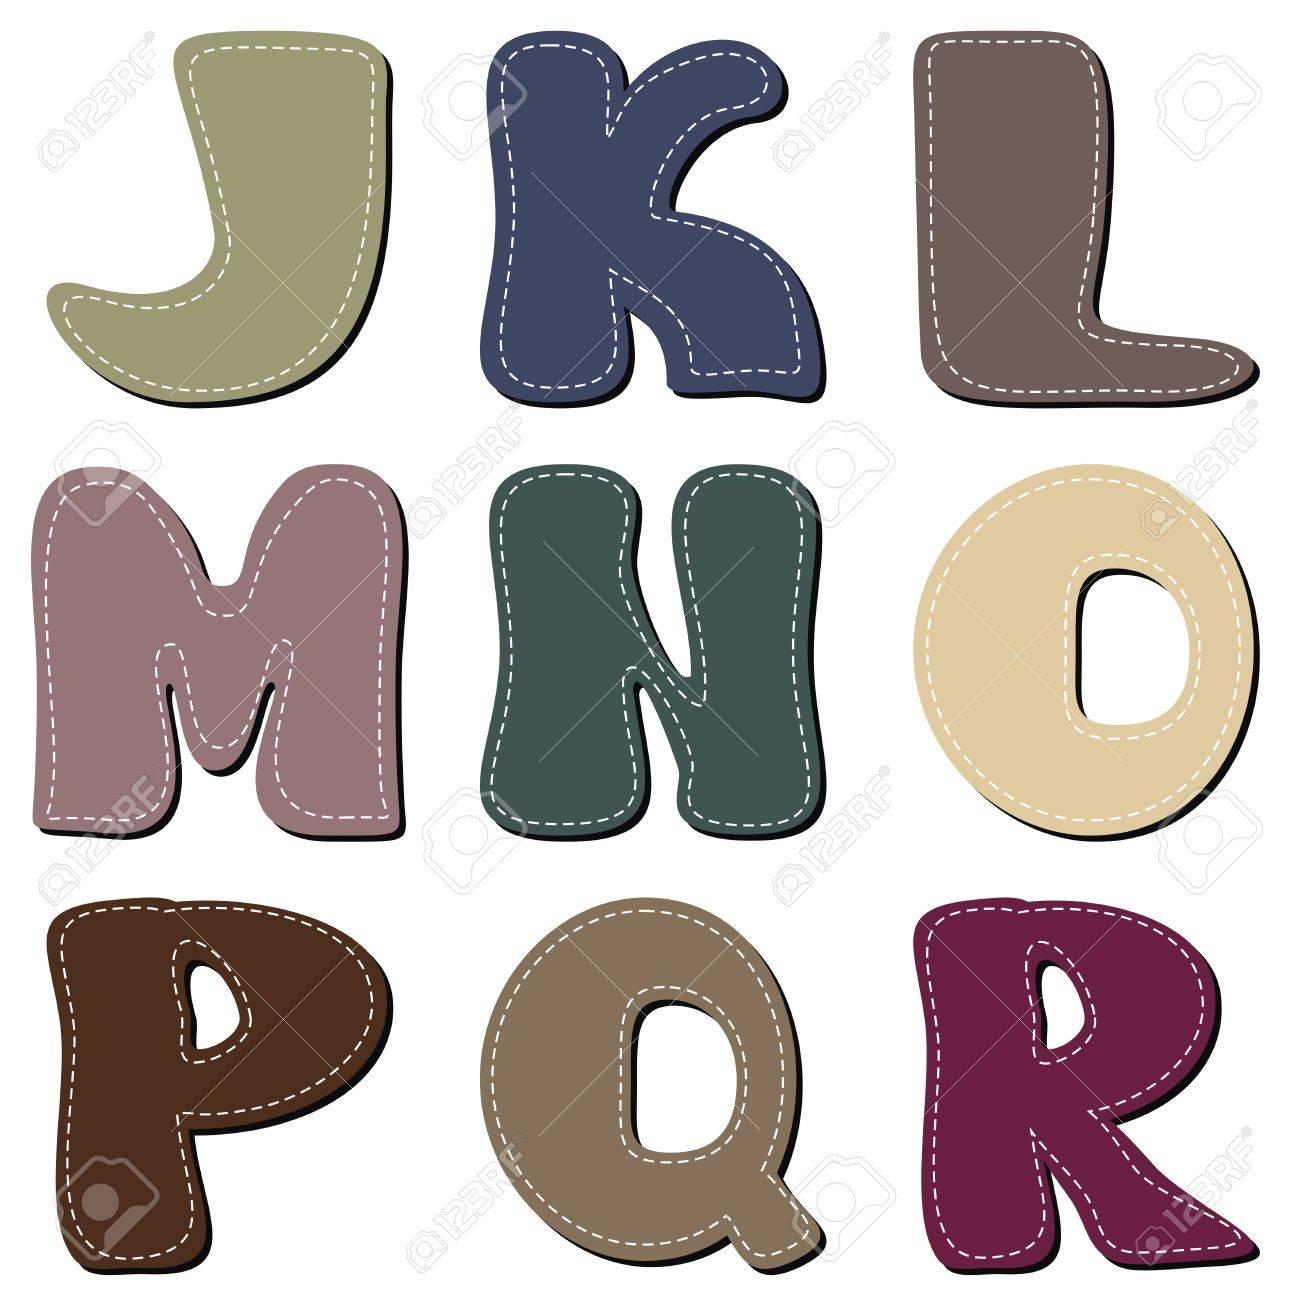 different colors letters scrapbook part 2 - 15785656